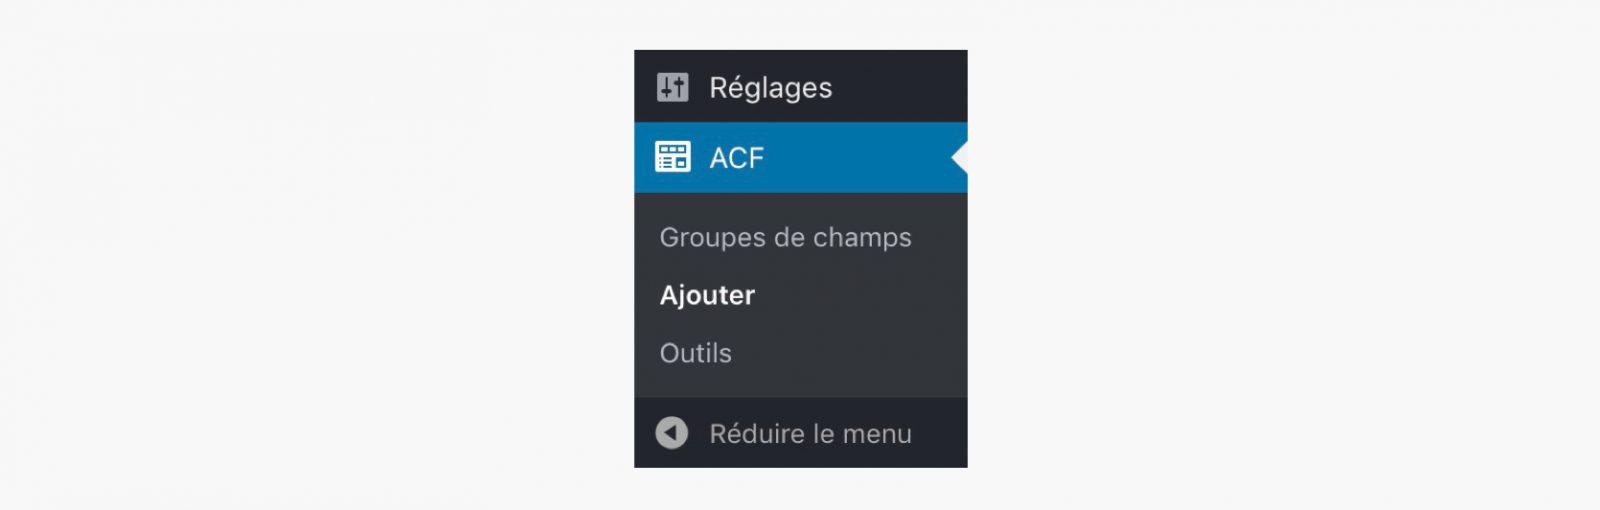 Le menu ACF